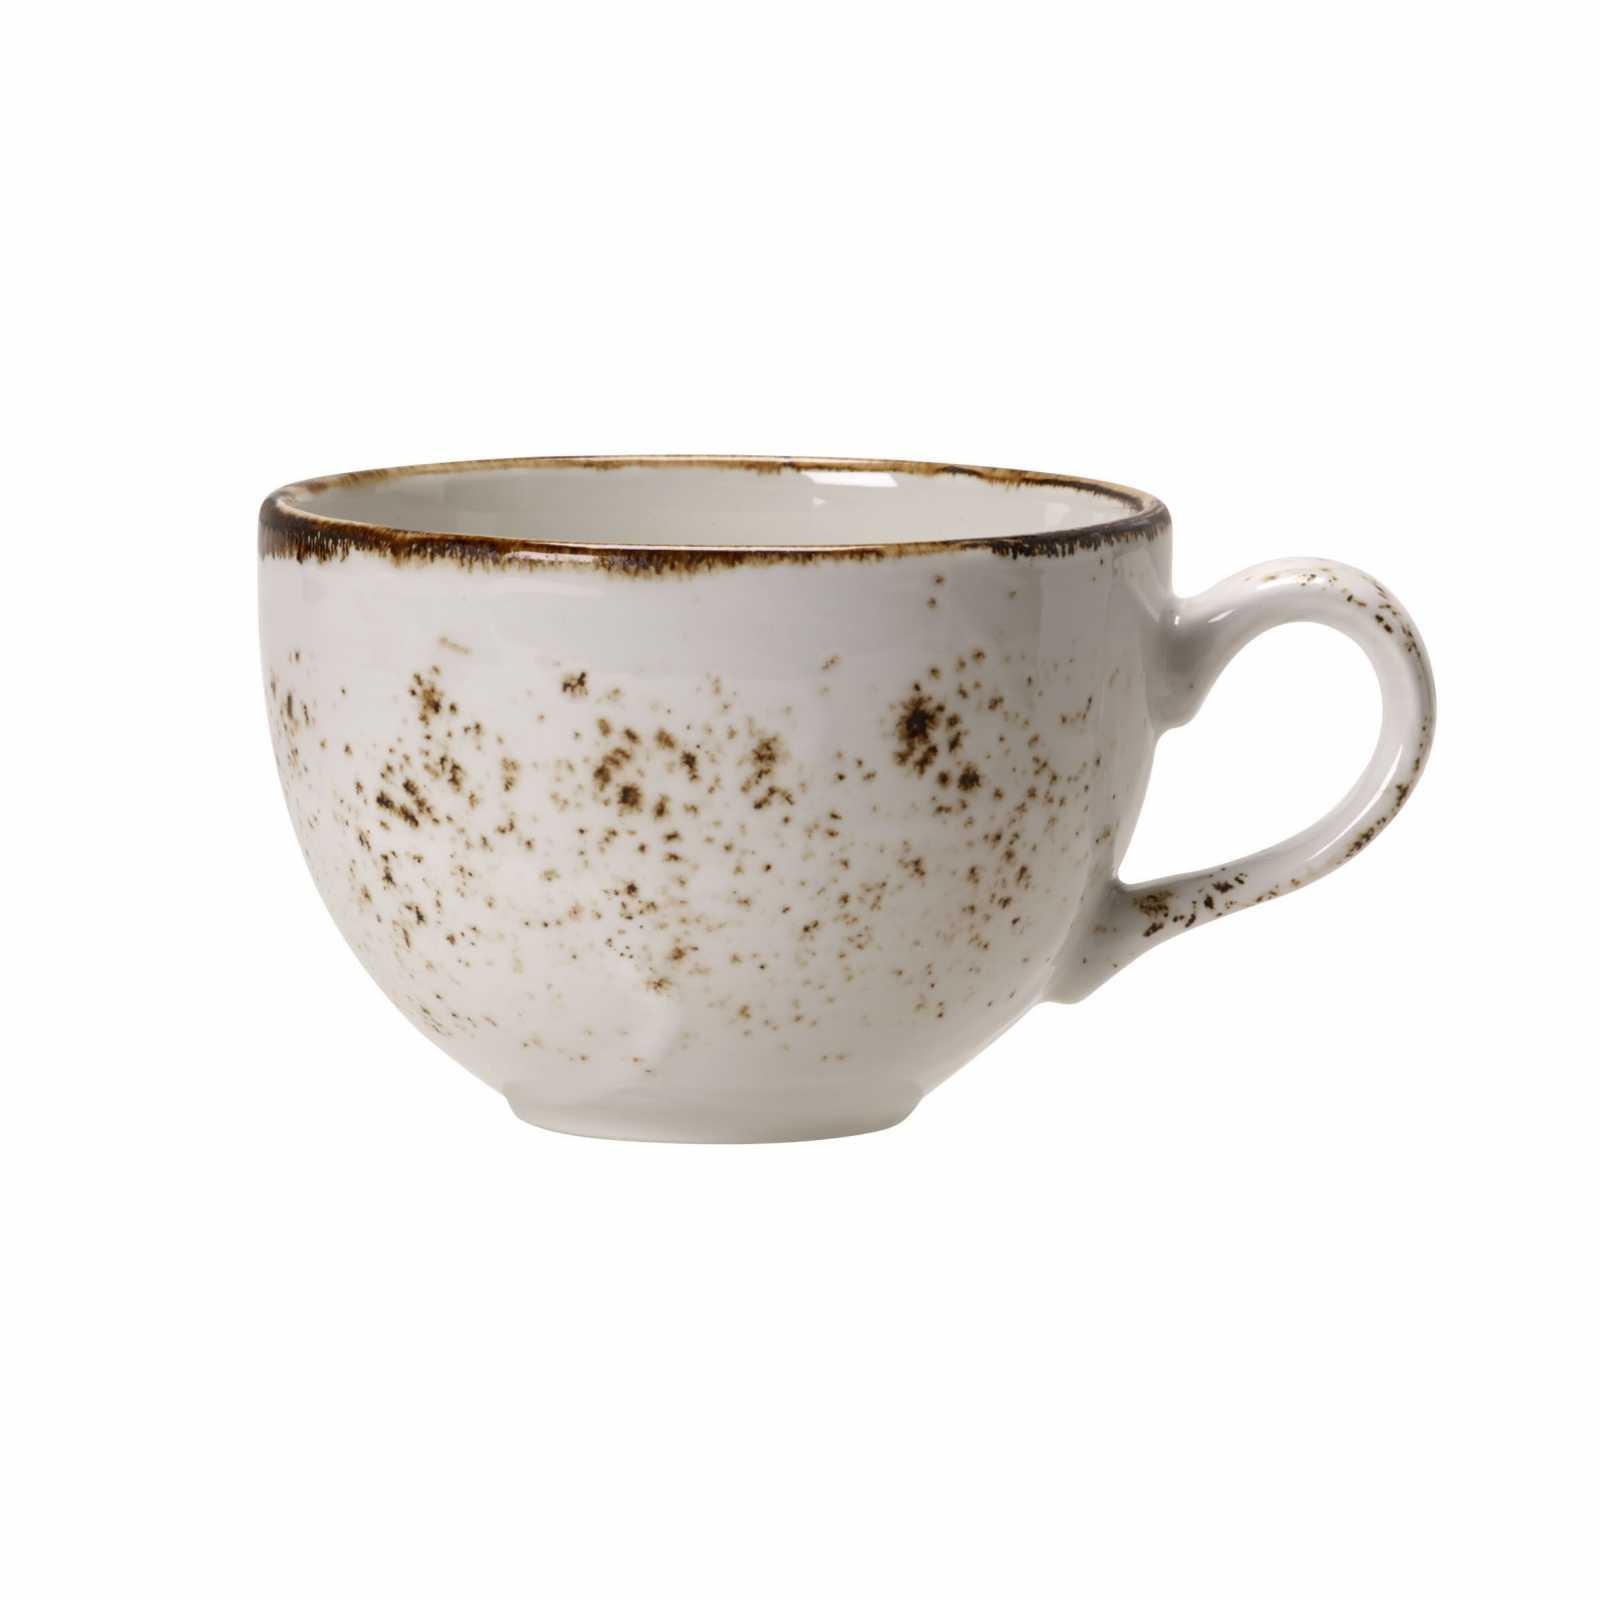 Онлайн каталог PROMENU: Чашка Steelite CRAFT WHITE, объем 0,34 л, белый Steelite 11550152